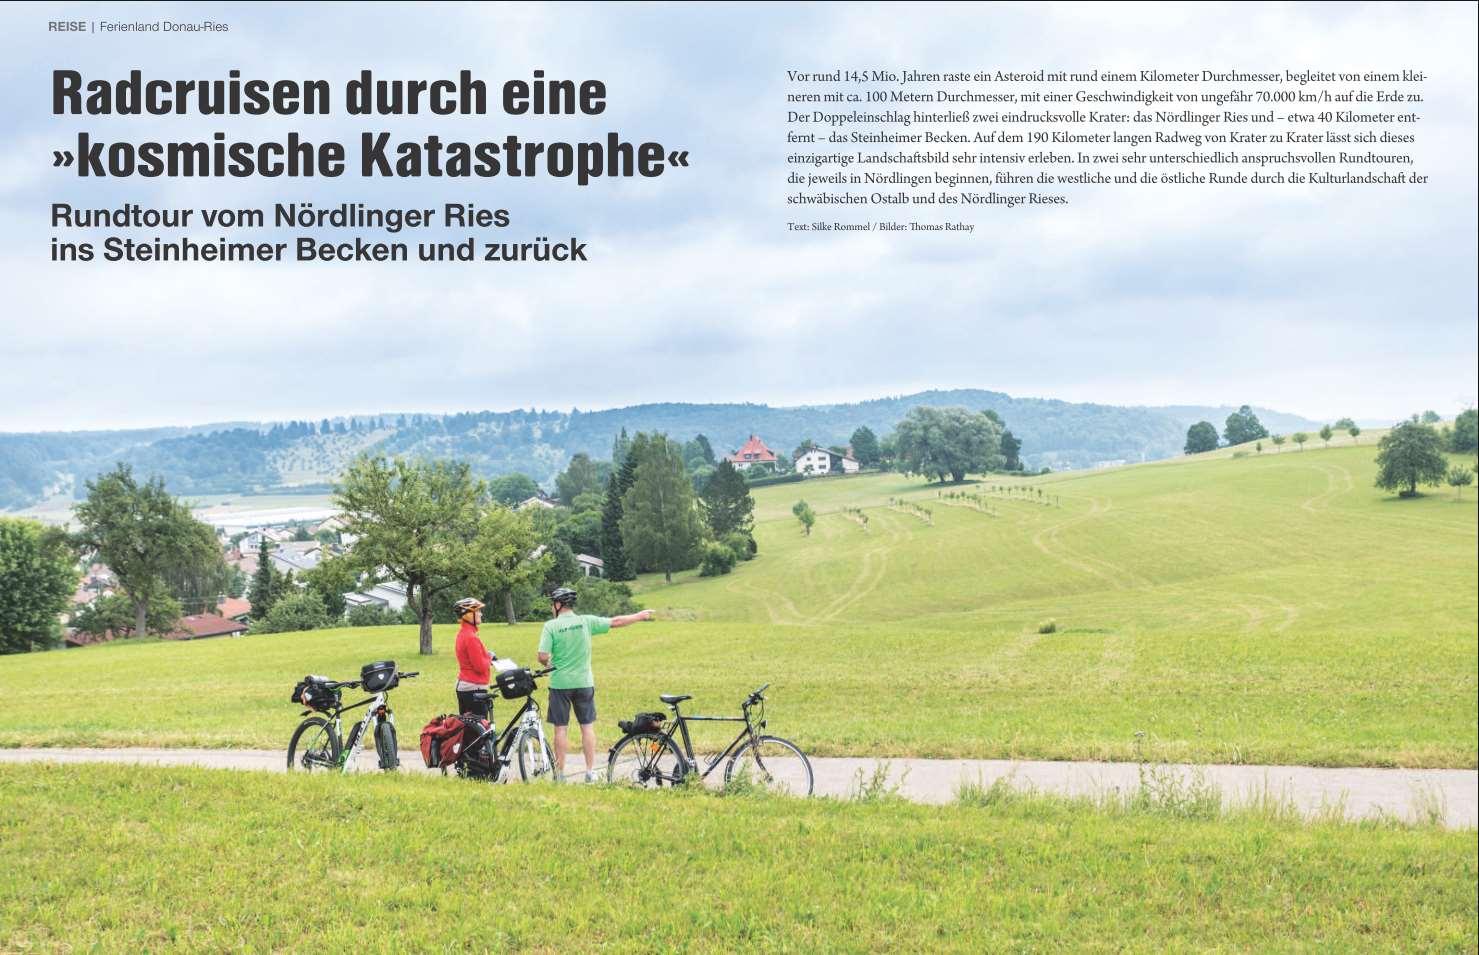 Ferienland Donau-Ries und die Ostalb mit dem Fahrrad